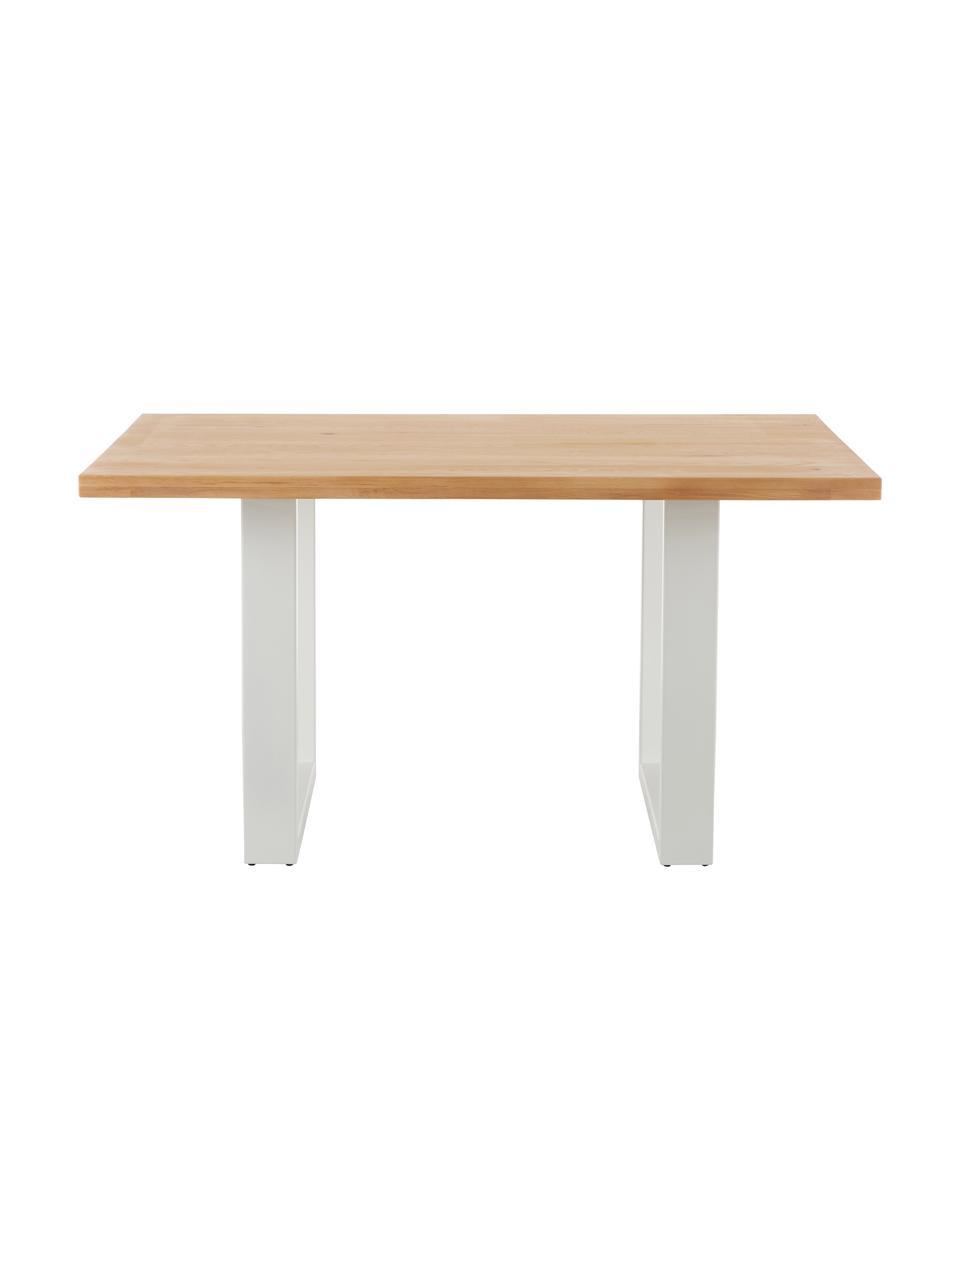 Esstisch Oliver mit Massivholzplatte, Tischplatte: Wildeichenlamellen, massi, Beine: Metall, pulverbeschichtet, Wildeiche, B 160 x T 90 cm